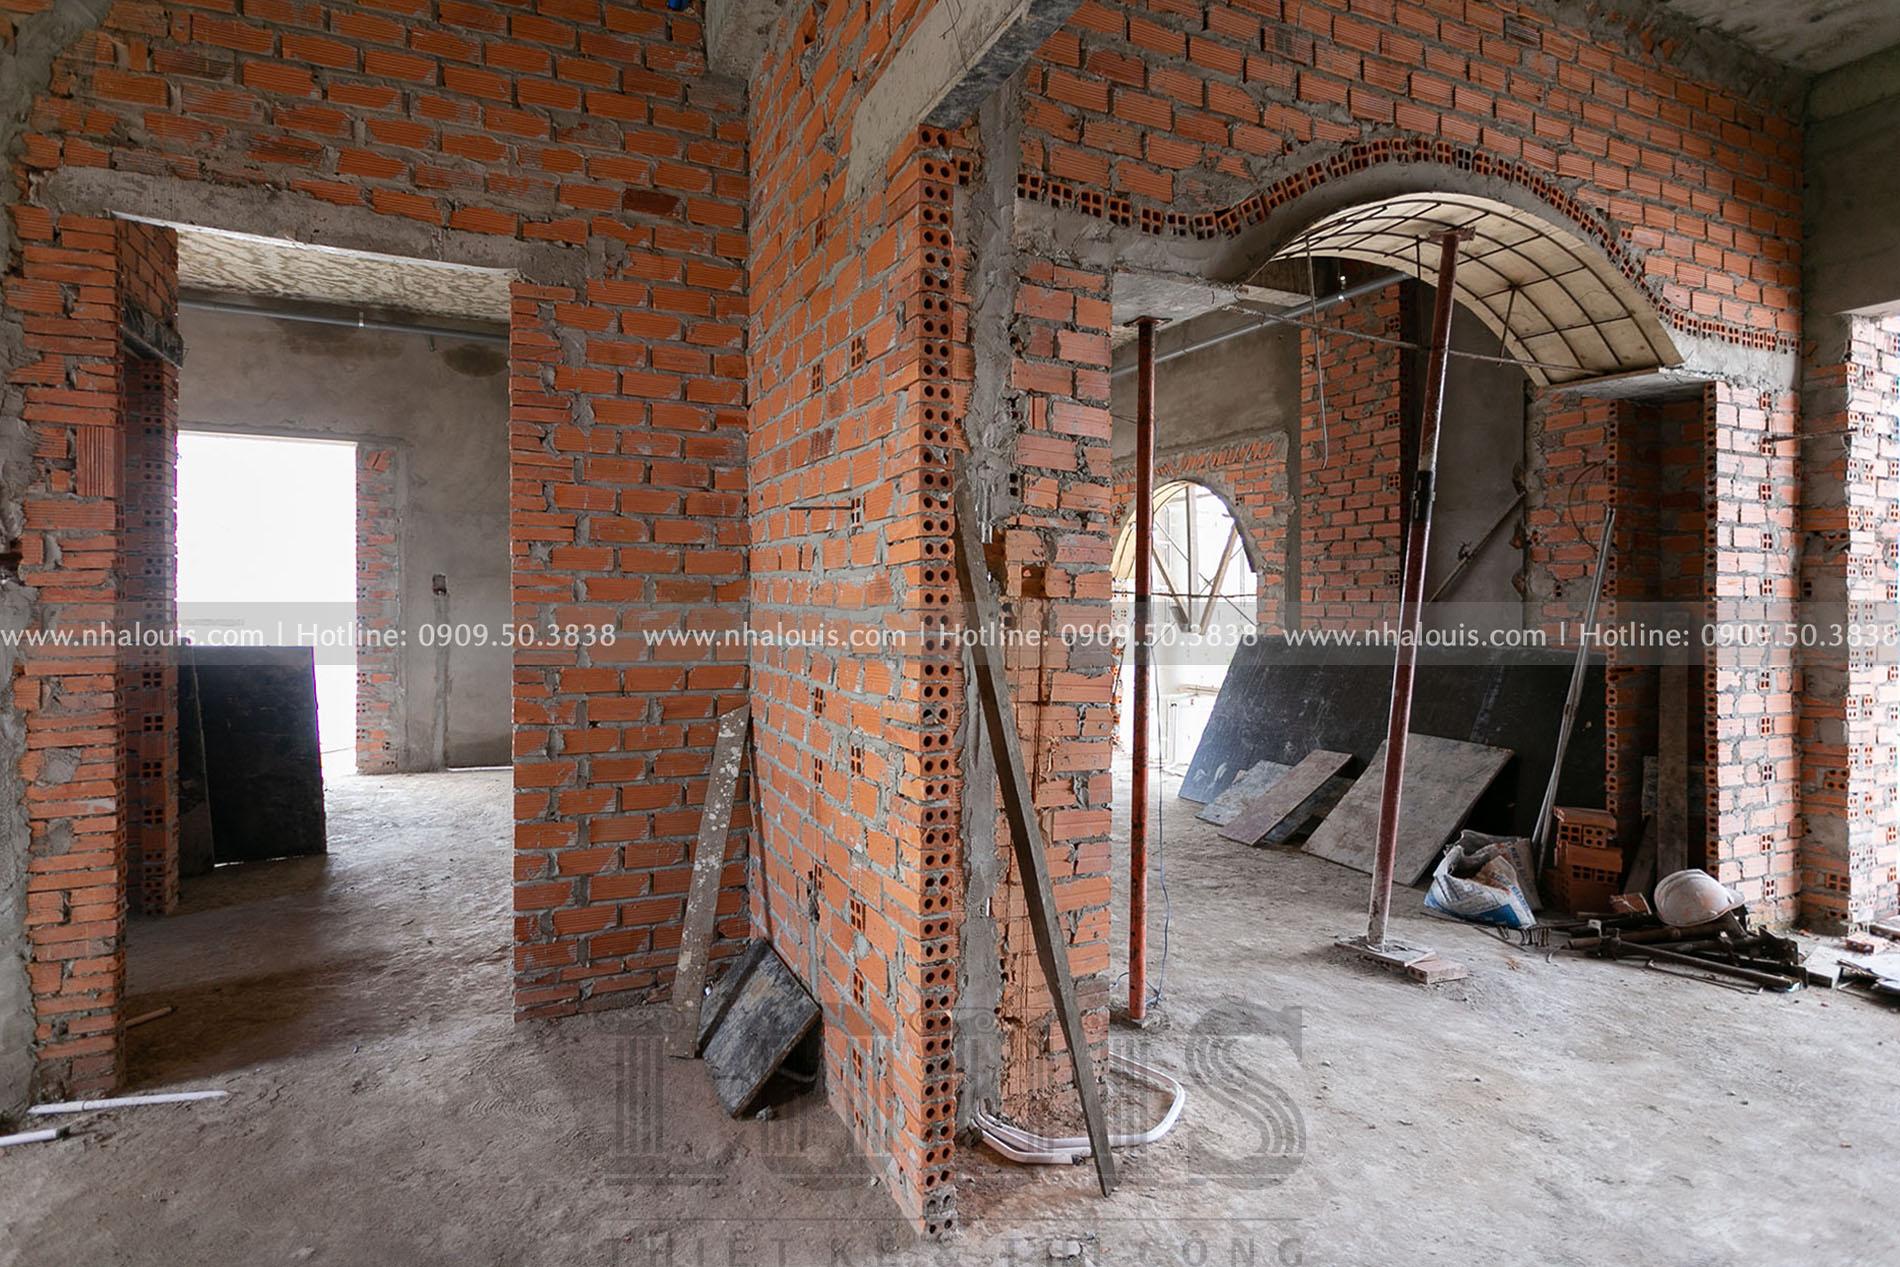 Tạo hình mặt tiền, xây phòng chức năng cho biệt thự Bến Tre